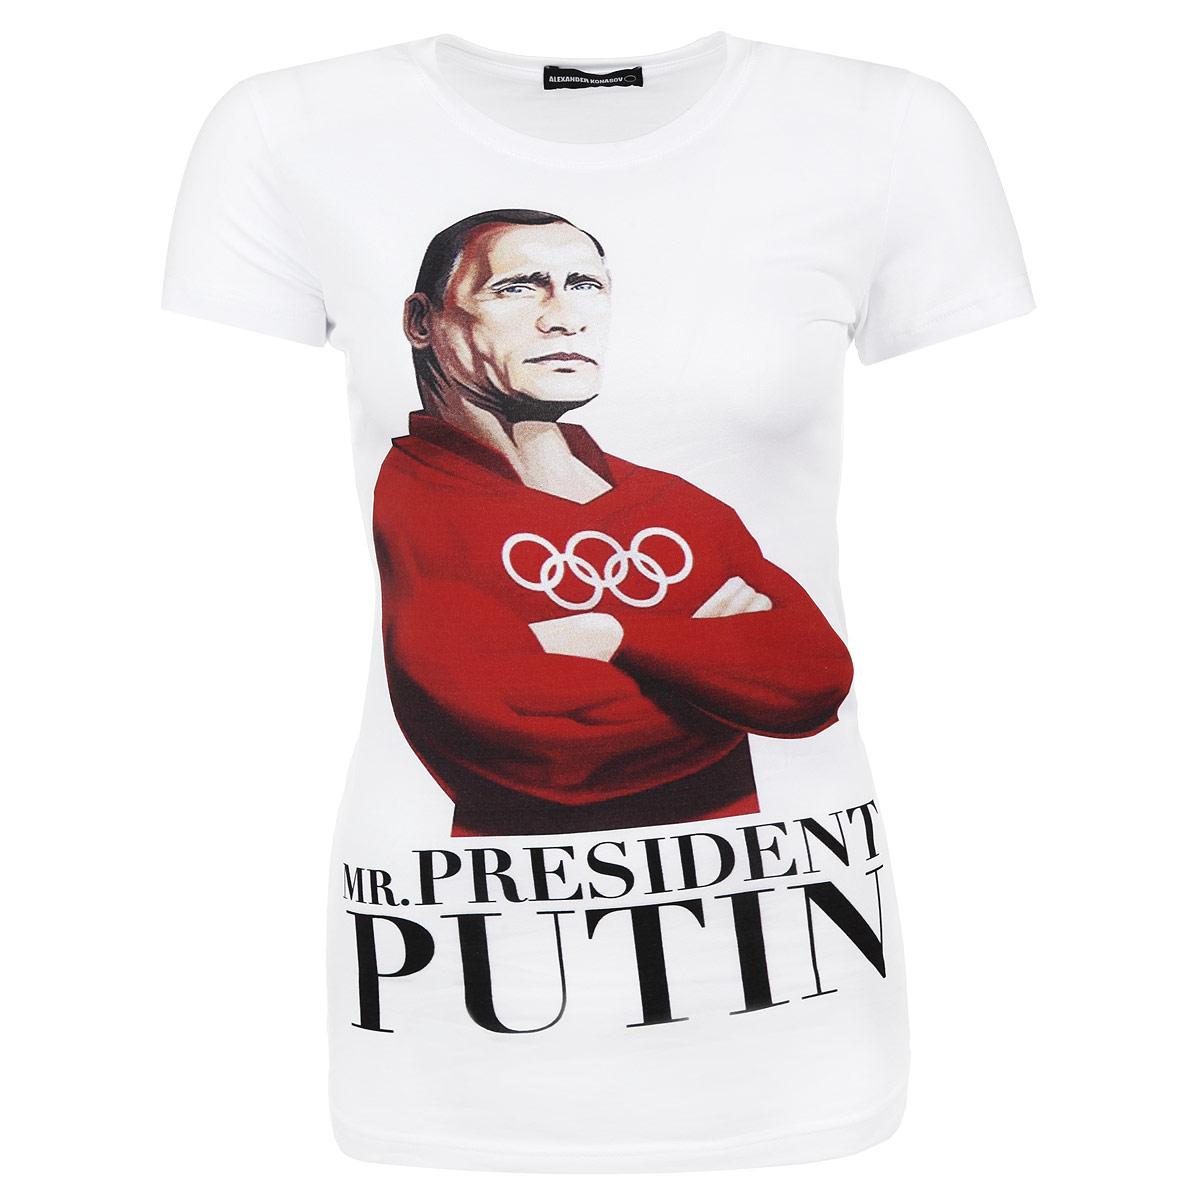 ФутболкаMr. President PutinСтильная женская футболка Alexander Konasov, выполненная из высококачественного мягкого хлопка с небольшим добавлением лайкры, обладает высокой теплопроводностью, воздухопроницаемостью и гигроскопичностью, позволяет коже дышать. Модель с короткими рукавами и круглым вырезом горловины спереди оформлена принтом с изображением Путина и надписью Mr. President Putin. Эта футболка - идеальный вариант для создания эффектного образа. Все изделия бренда Alexander Konasov кроятся только по лекалам из высококачественной ткани, идеально сидят на фигуре, после стирки не деформируются.